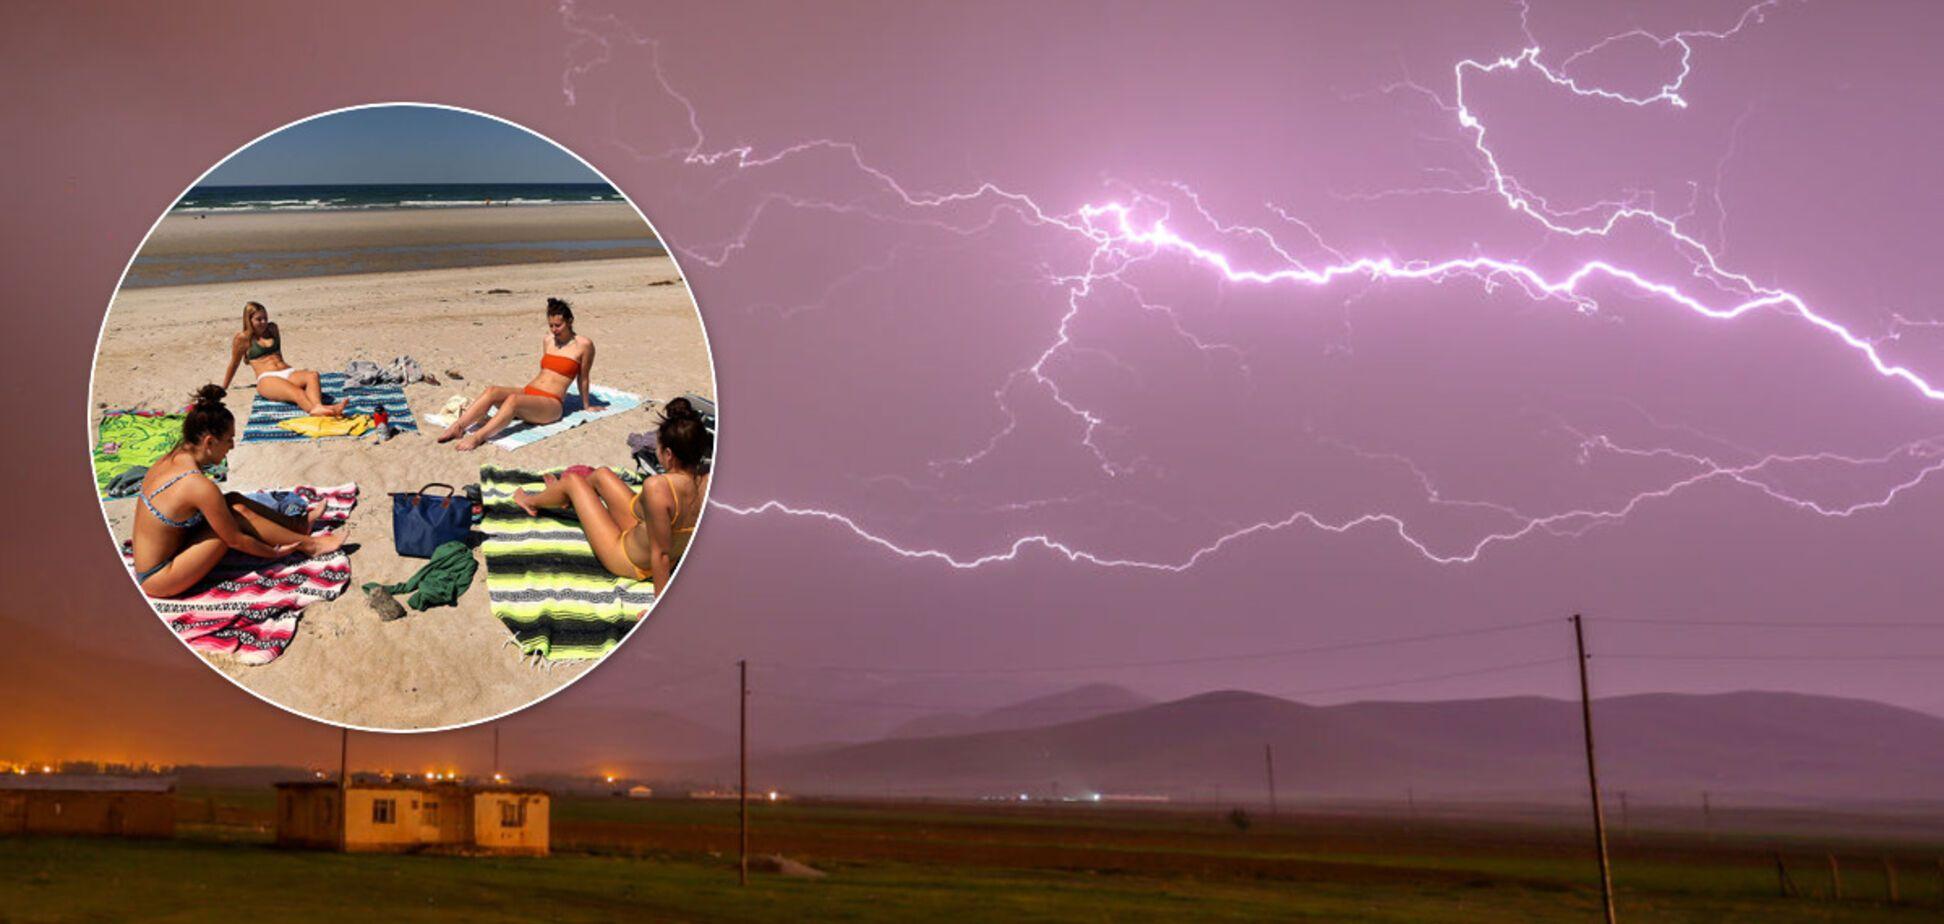 В Украину вернется лето 2001 года с ураганами, градом и жарой. Эксклюзивный прогноз